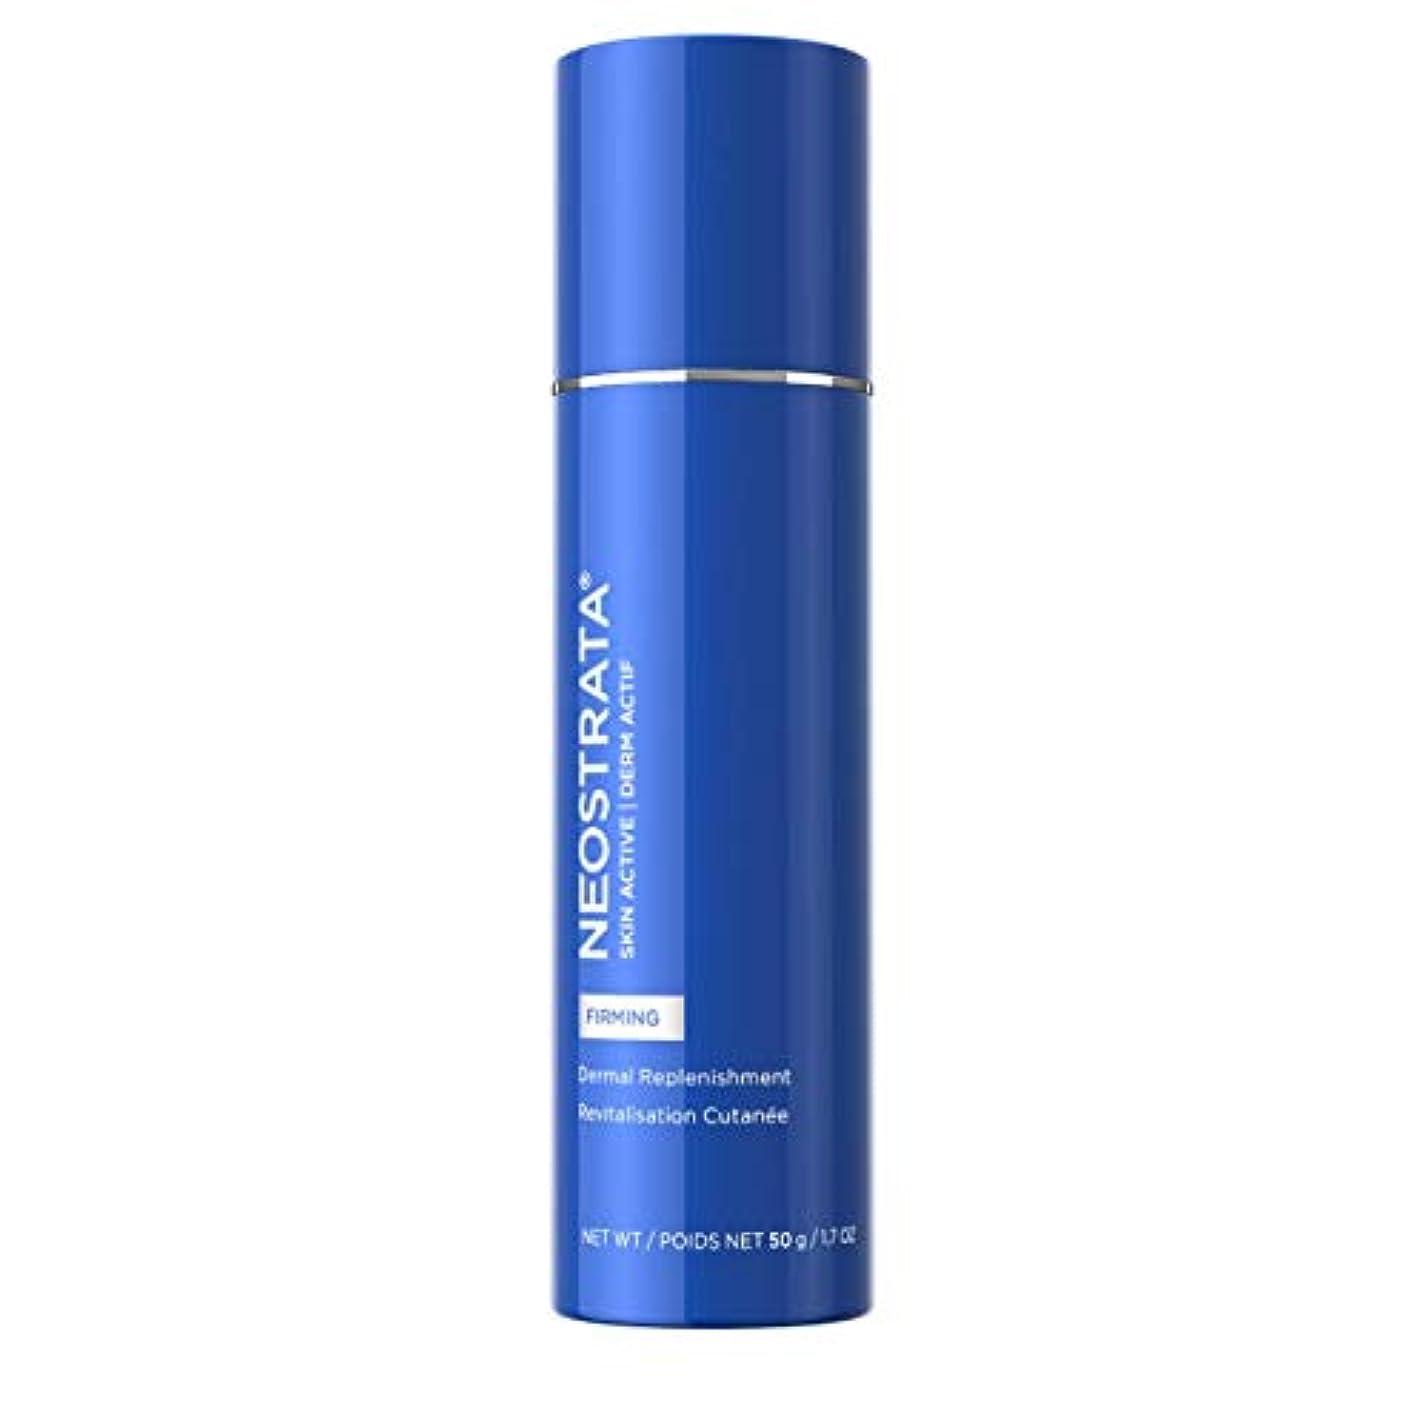 発行する忘れるの慈悲でネオストラータ Skin Active Derm Actif Firming - Dermal Replenishment Natural Moisturizing Factor Concentrate 50g/0.17oz...